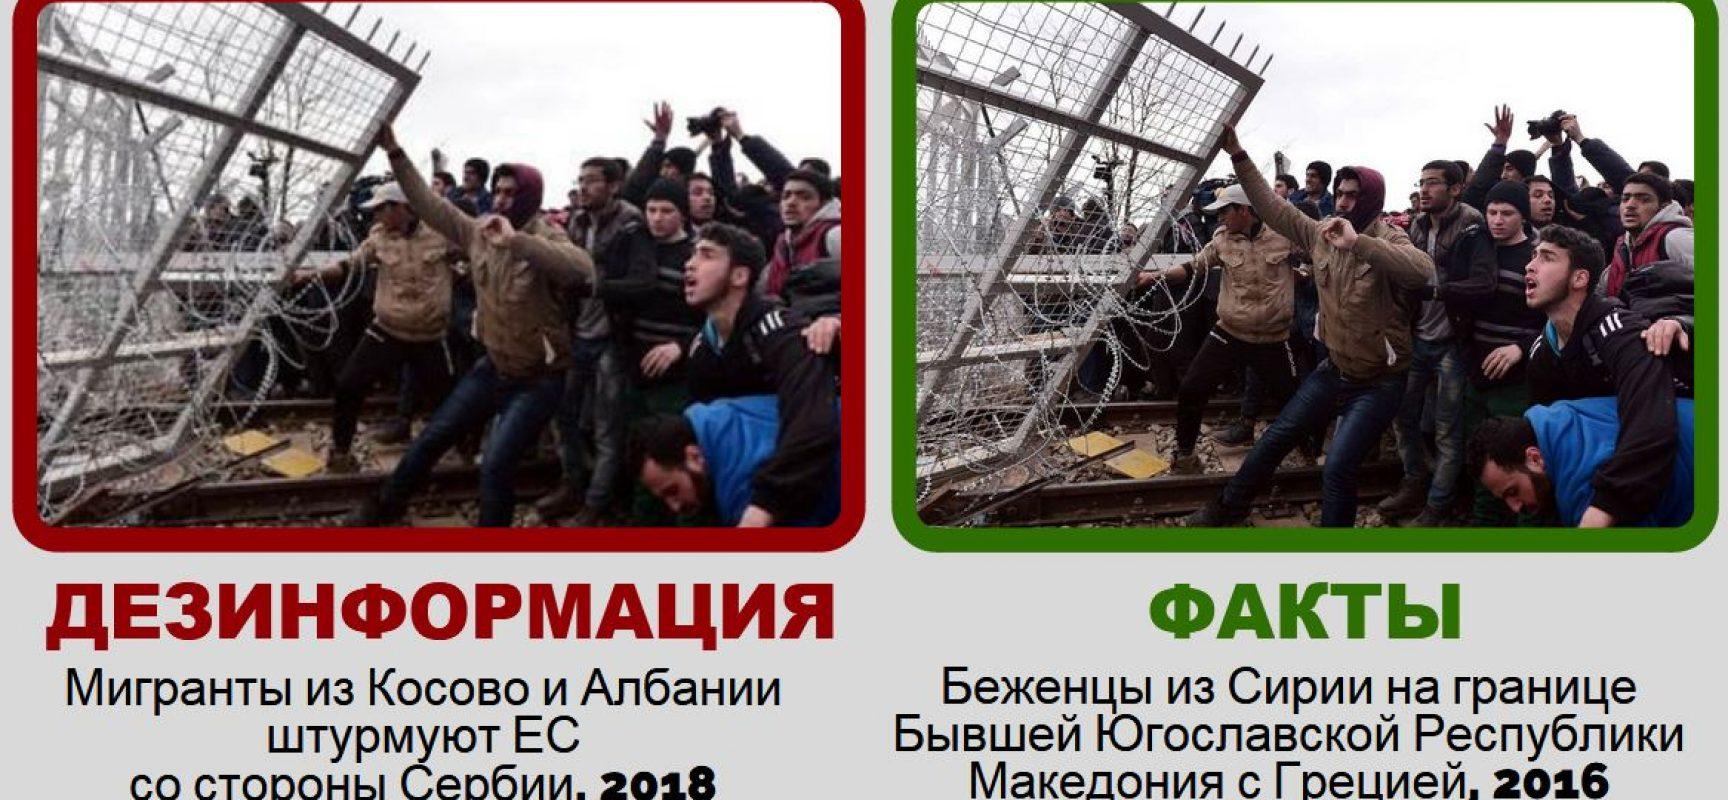 Одно фото – четырехкратная дезинформация о мигрантах